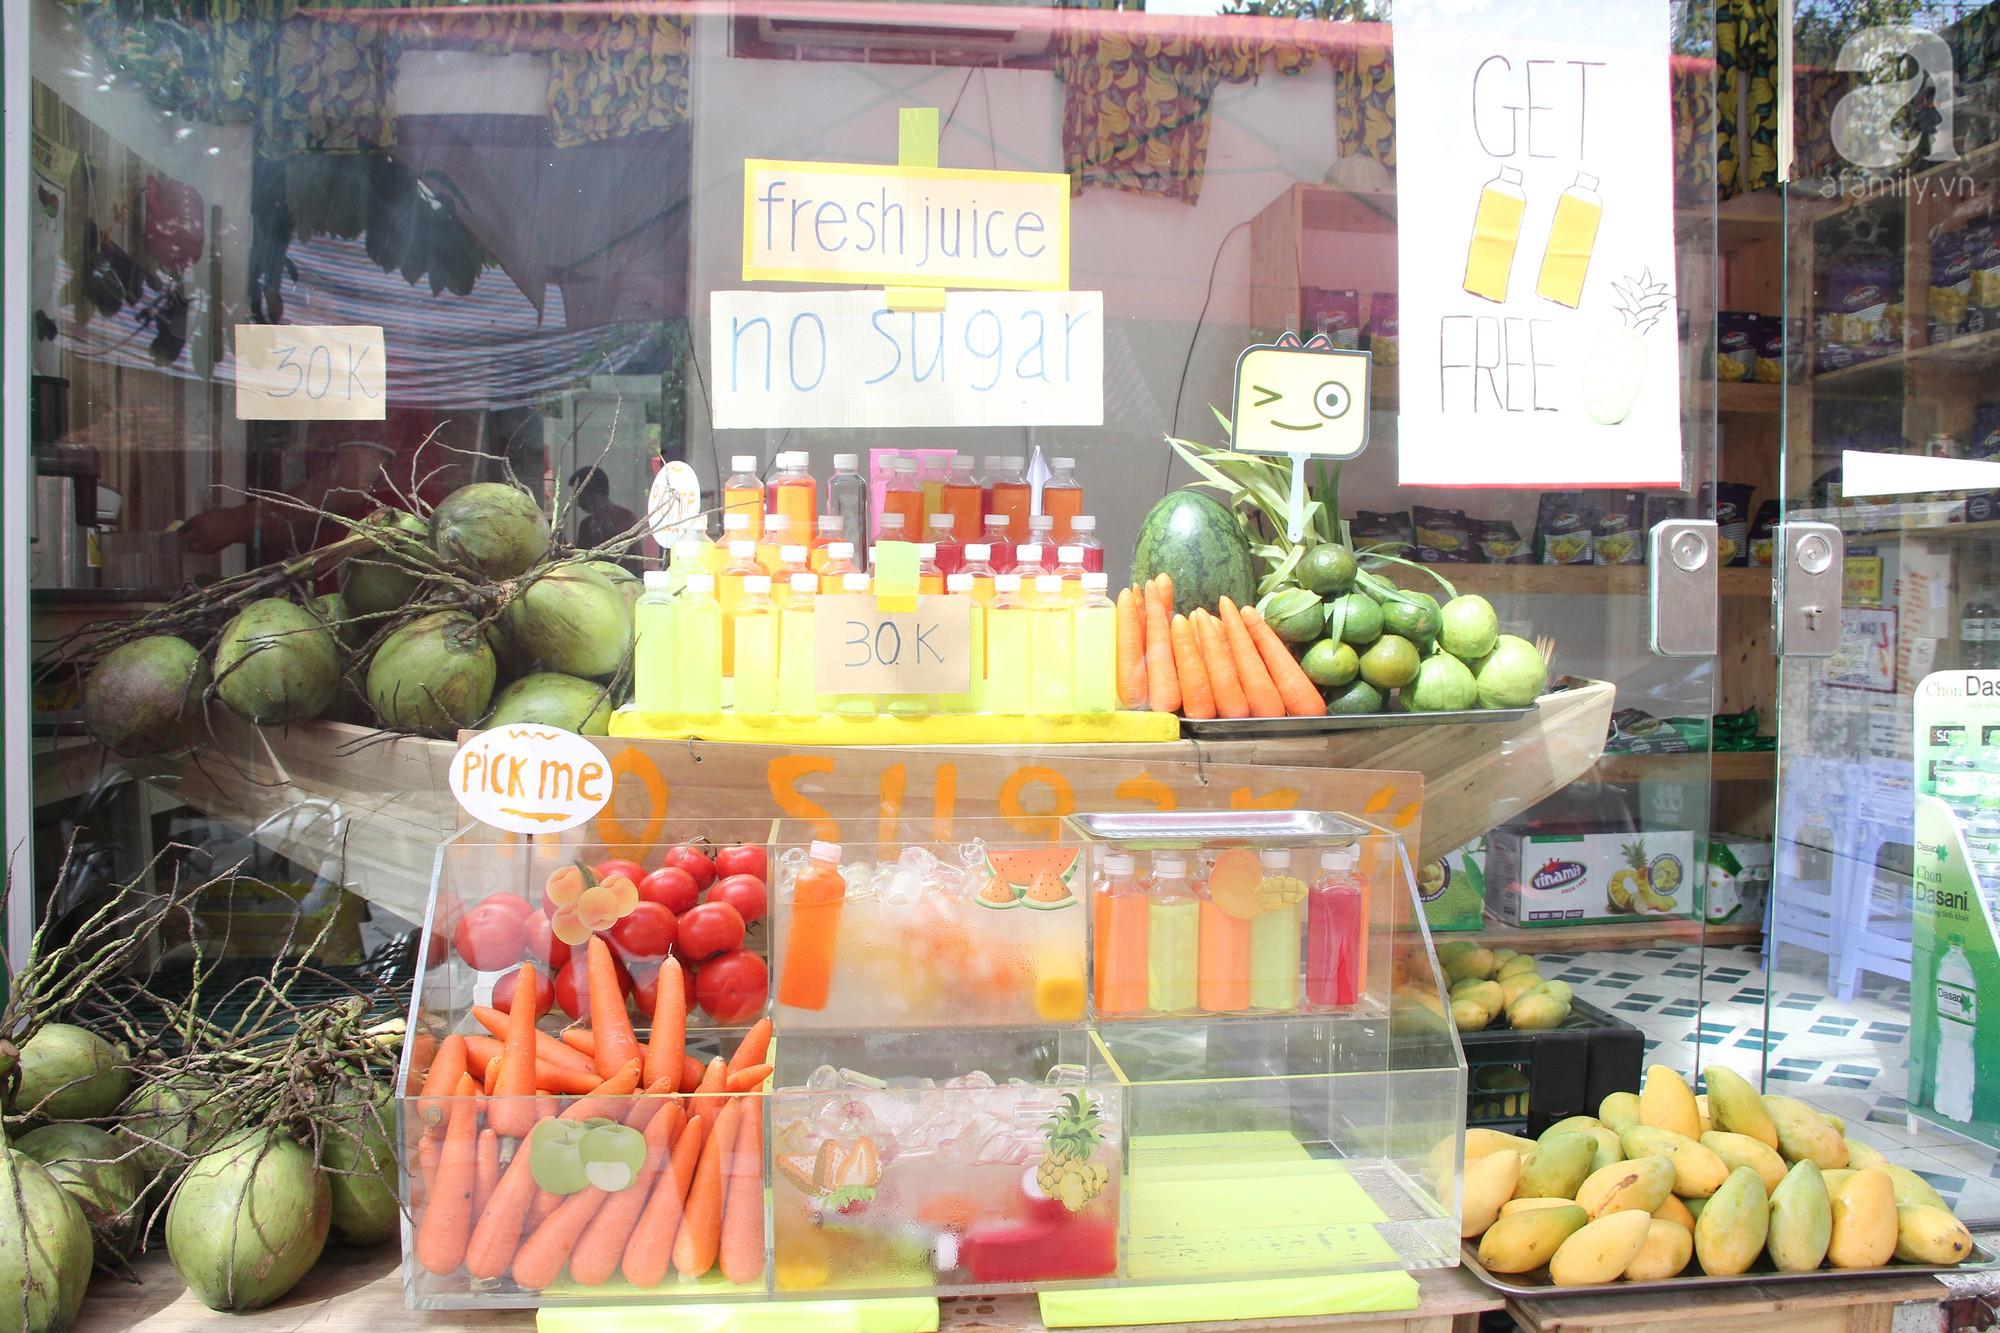 5 quán nước ép trái cây nguyên chất ngon, có dịch vụ giao hàng tận nơi cho những ngày Hà Nội nóng như đổ lửa  - Ảnh 11.